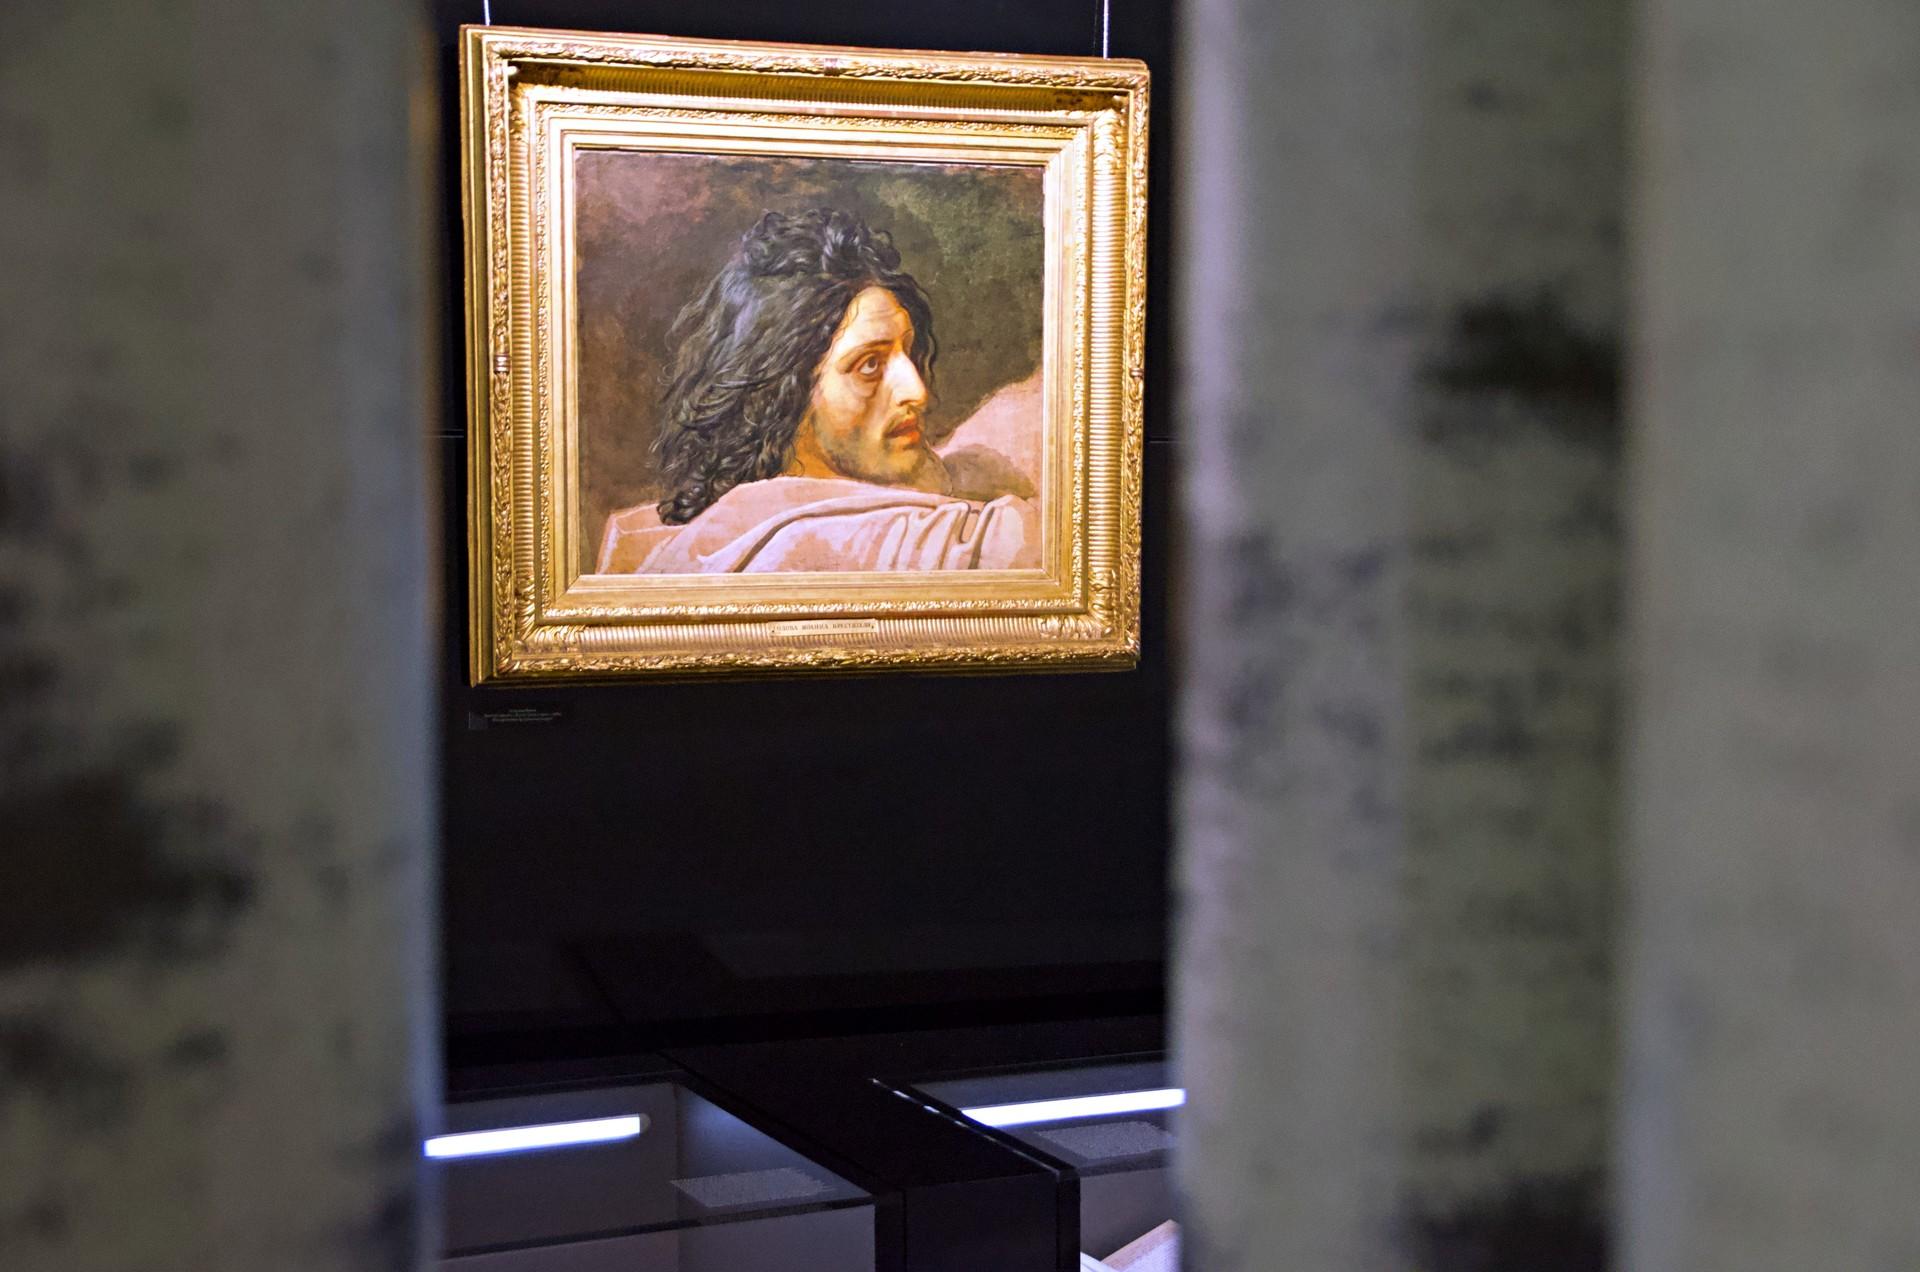 Die russische Malerei brachte Rilke, der später einmal Rodins Sekretär werden sollte, erstmals zur Bildenden Kunst.